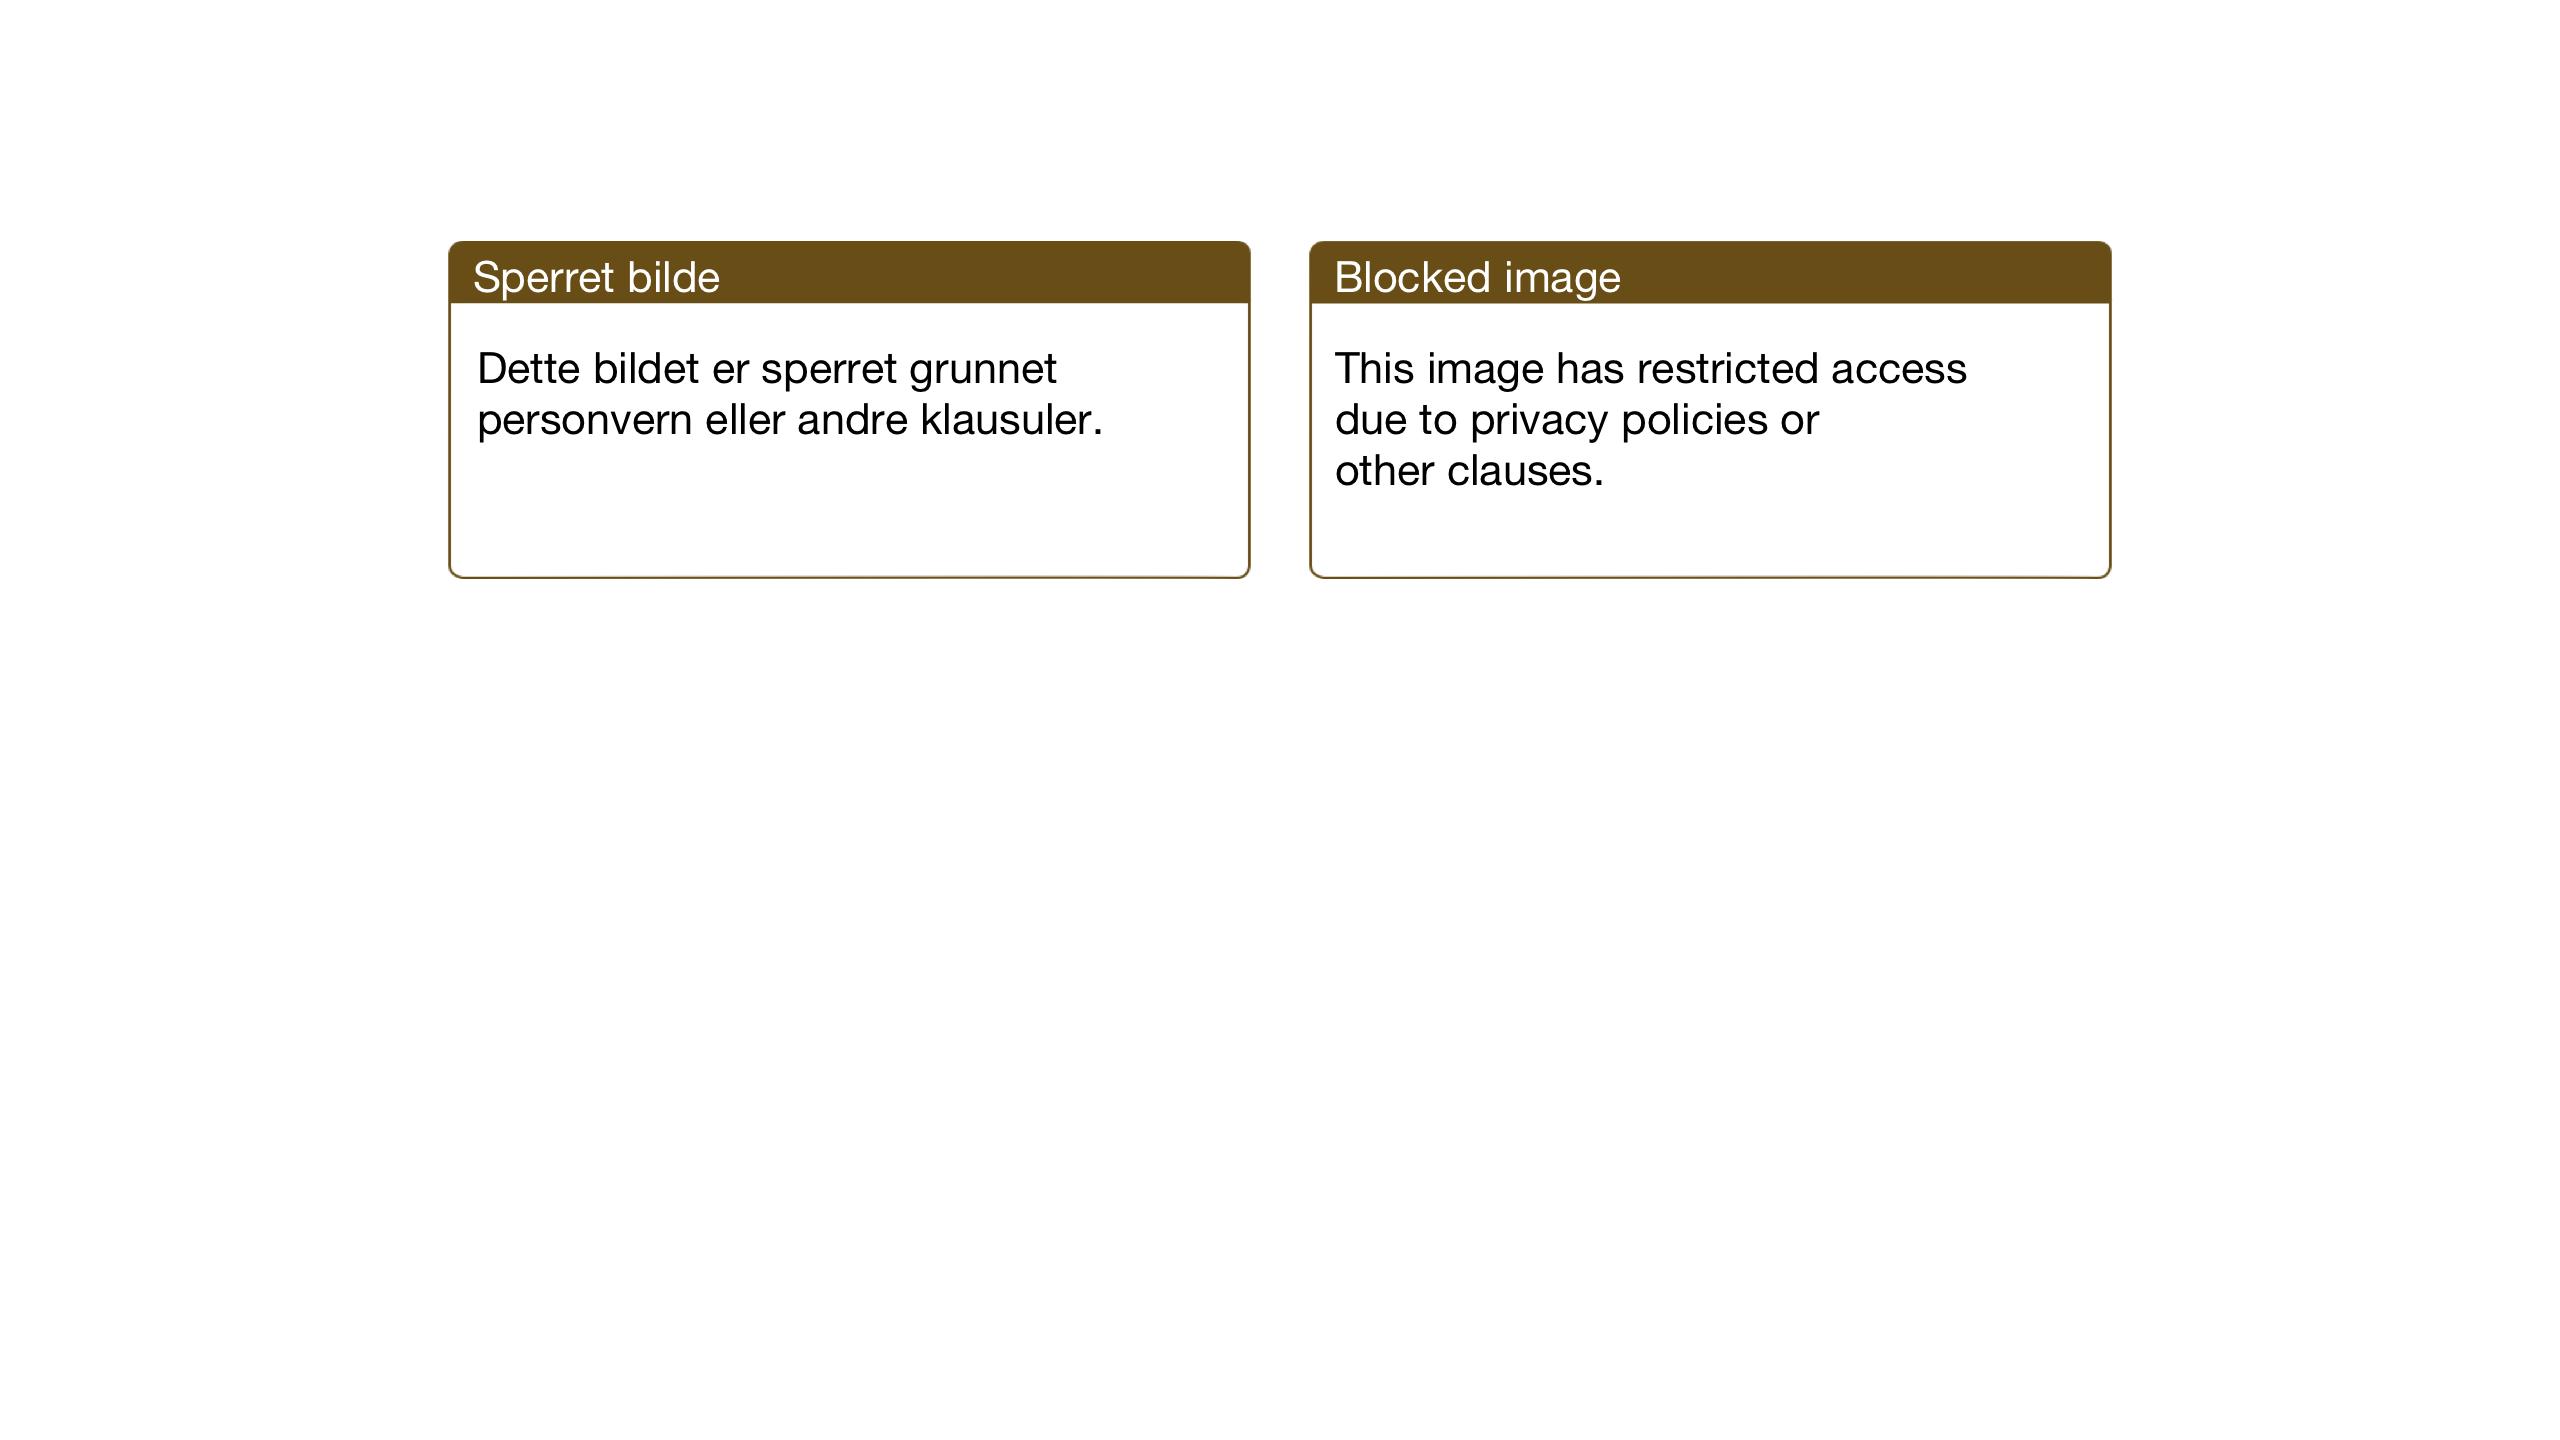 SAT, Ministerialprotokoller, klokkerbøker og fødselsregistre - Sør-Trøndelag, 669/L0832: Klokkerbok nr. 669C02, 1925-1953, s. 54